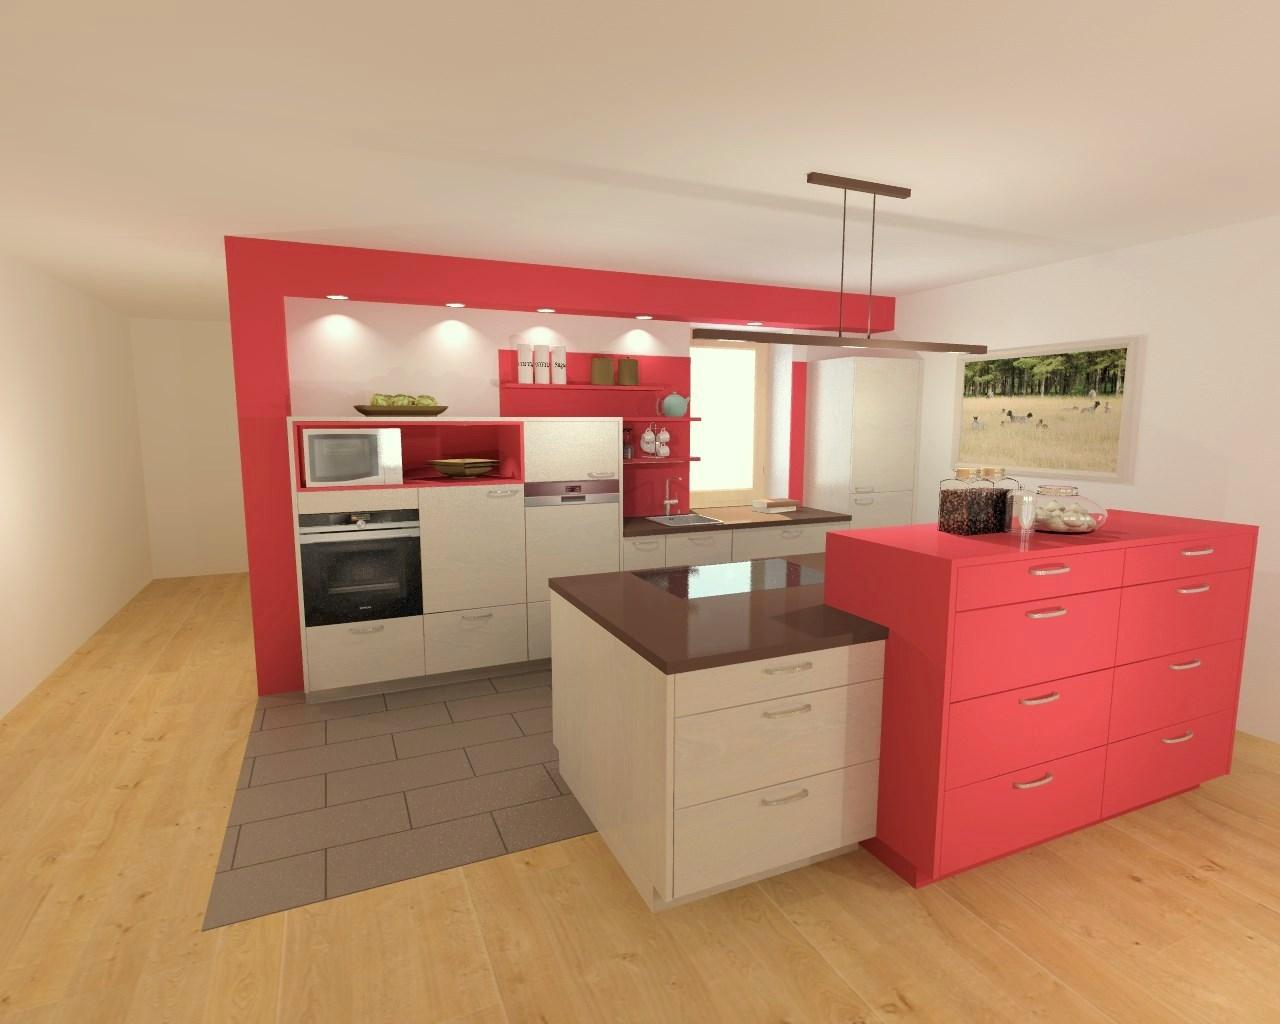 Küchen vom Profi: Küchenplaner Handl Wohnen, NÖ